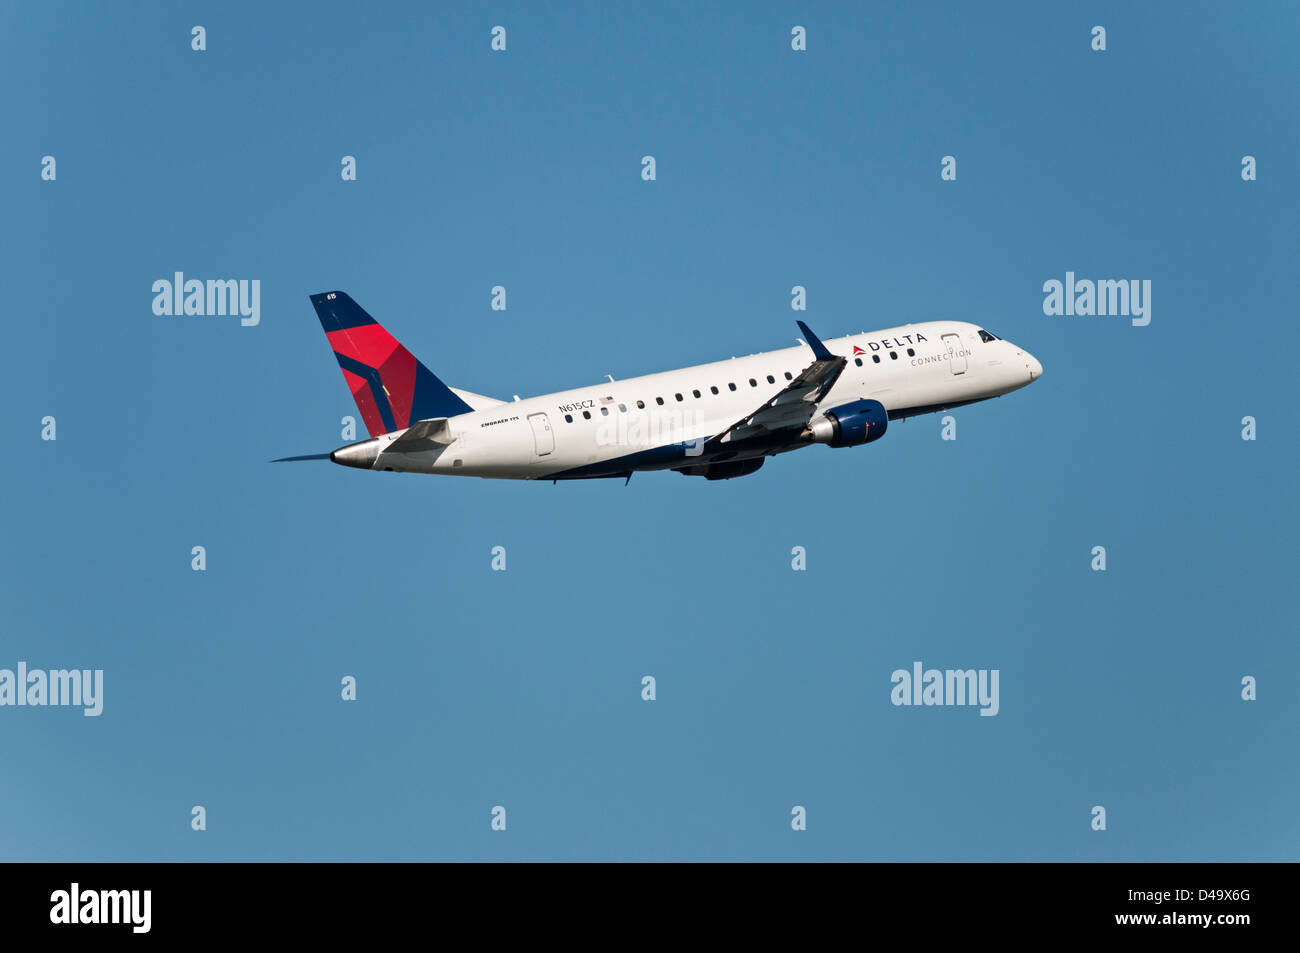 Delta Connection Airlines Embraer ERJ-175 regional jet airliner ...